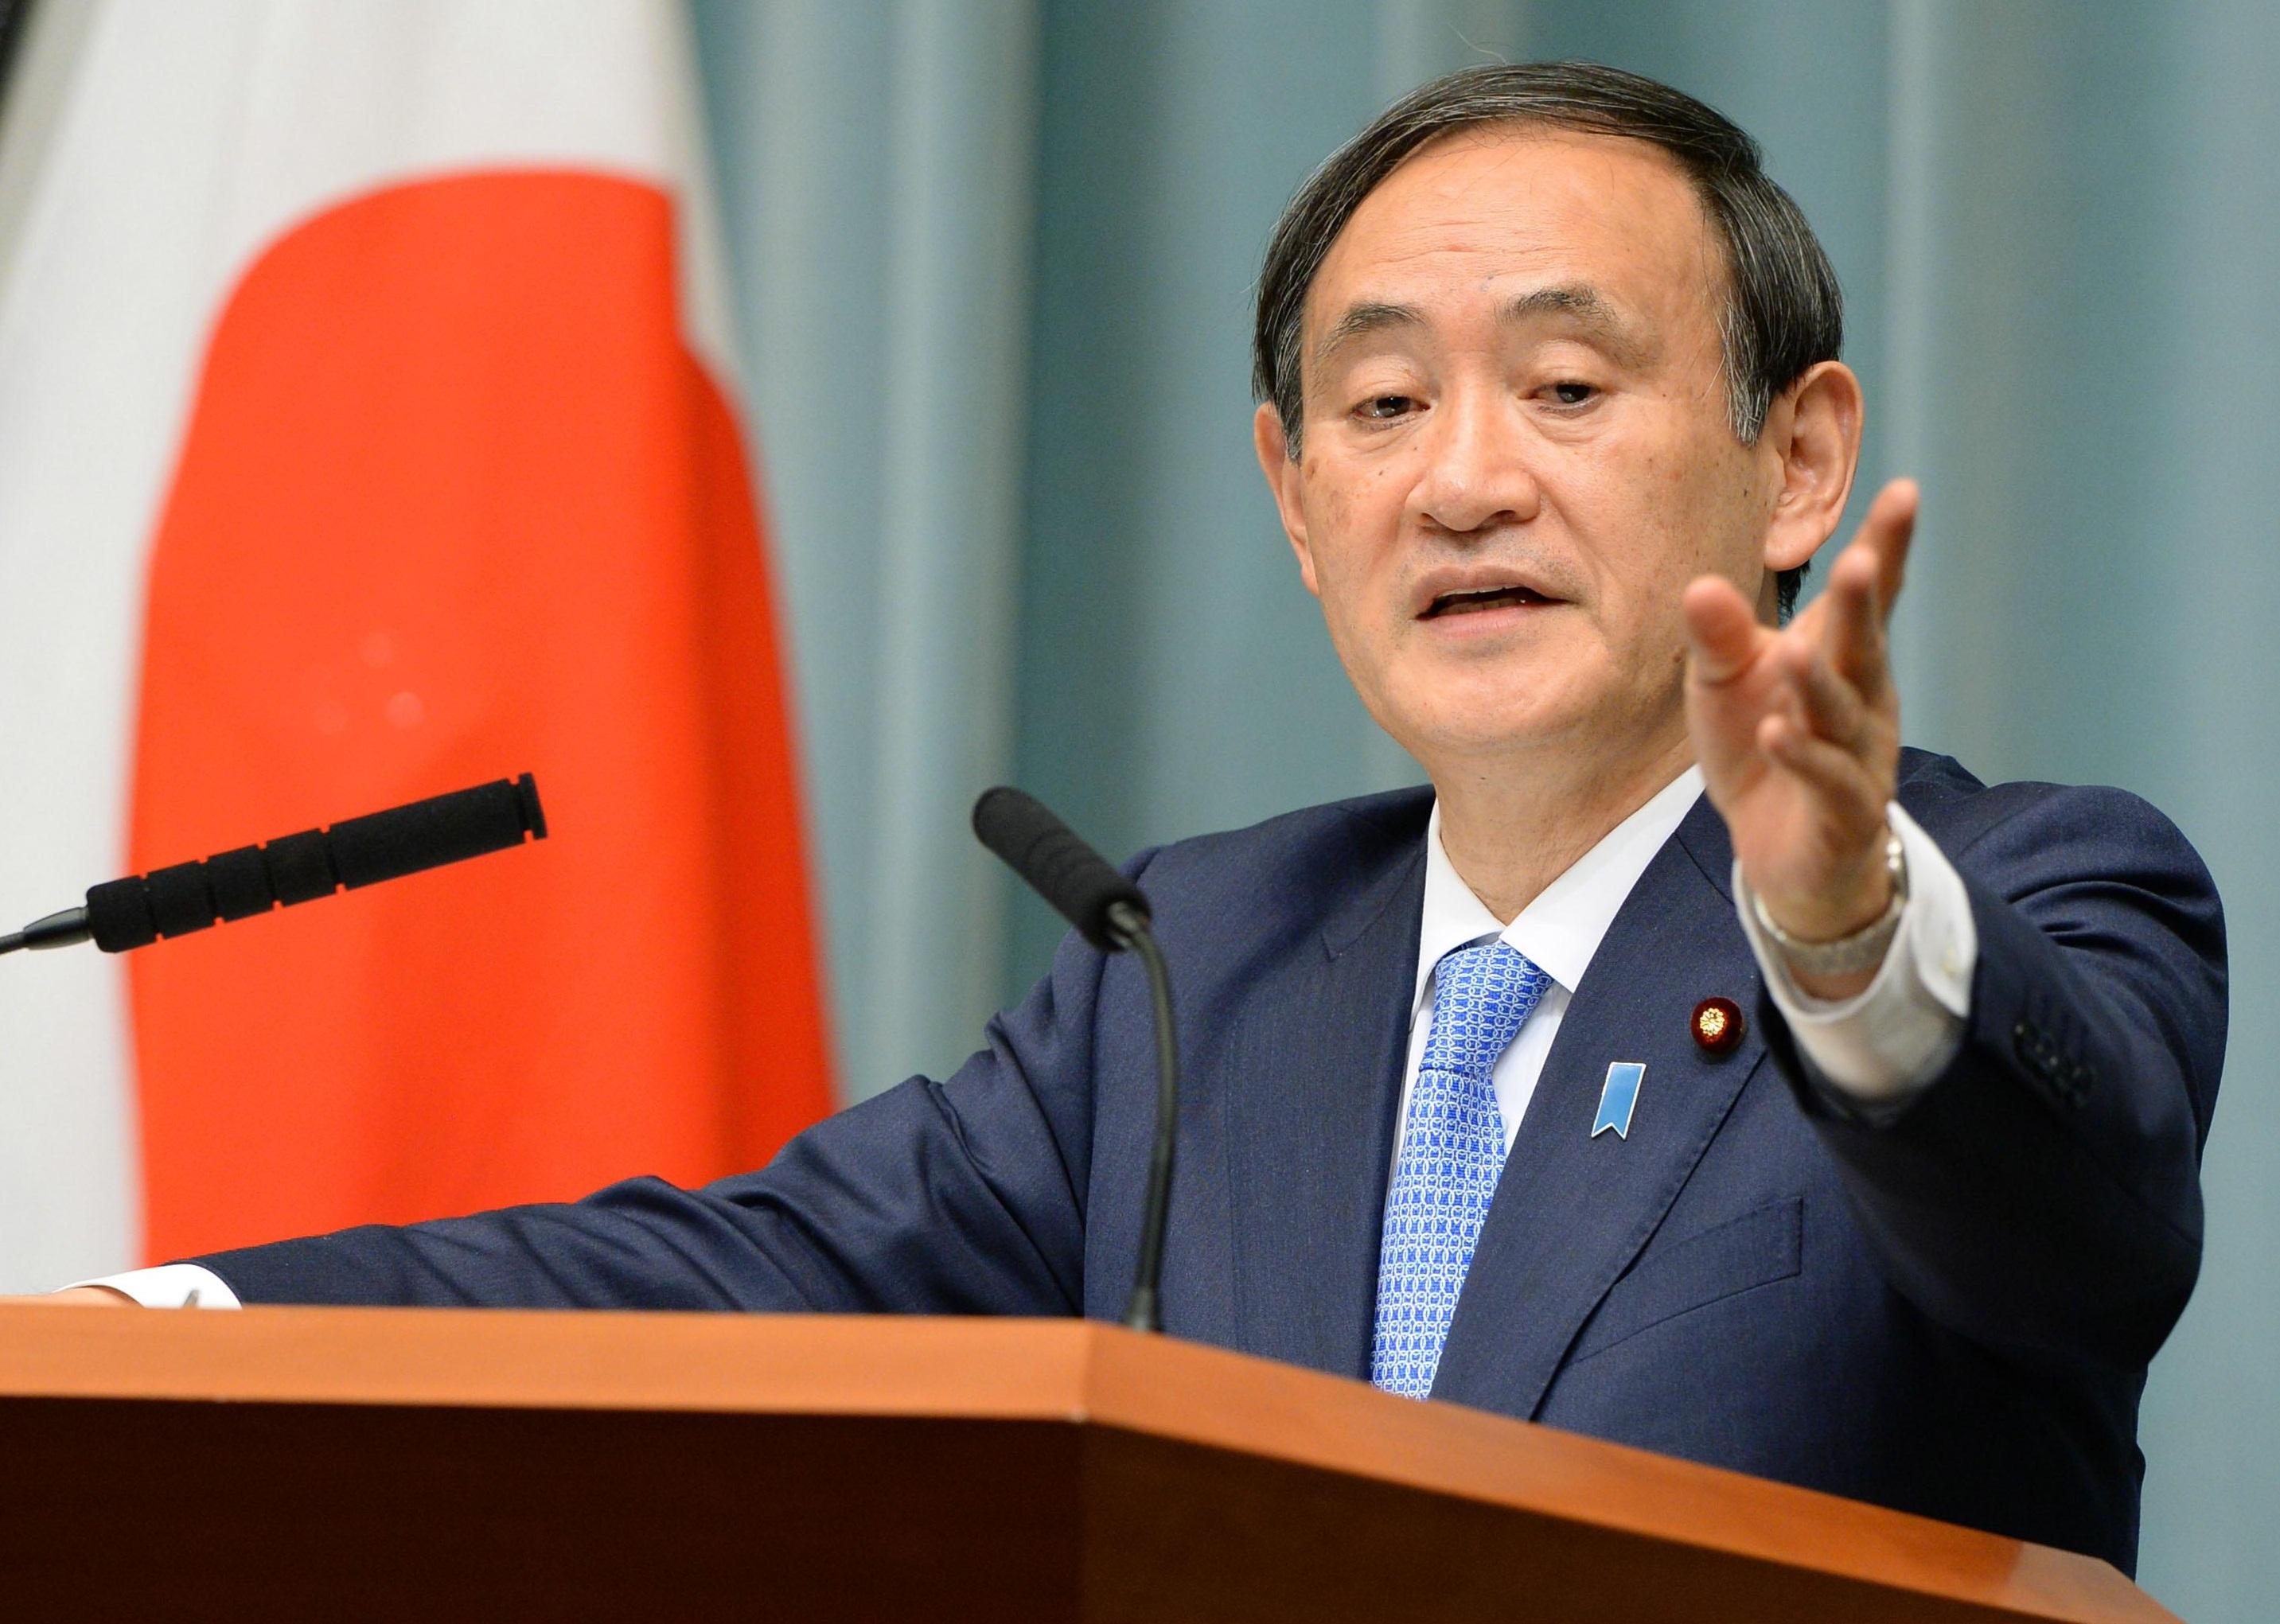 जापानद्धारा अमेरिकी कदमप्रती खेद व्यक्त